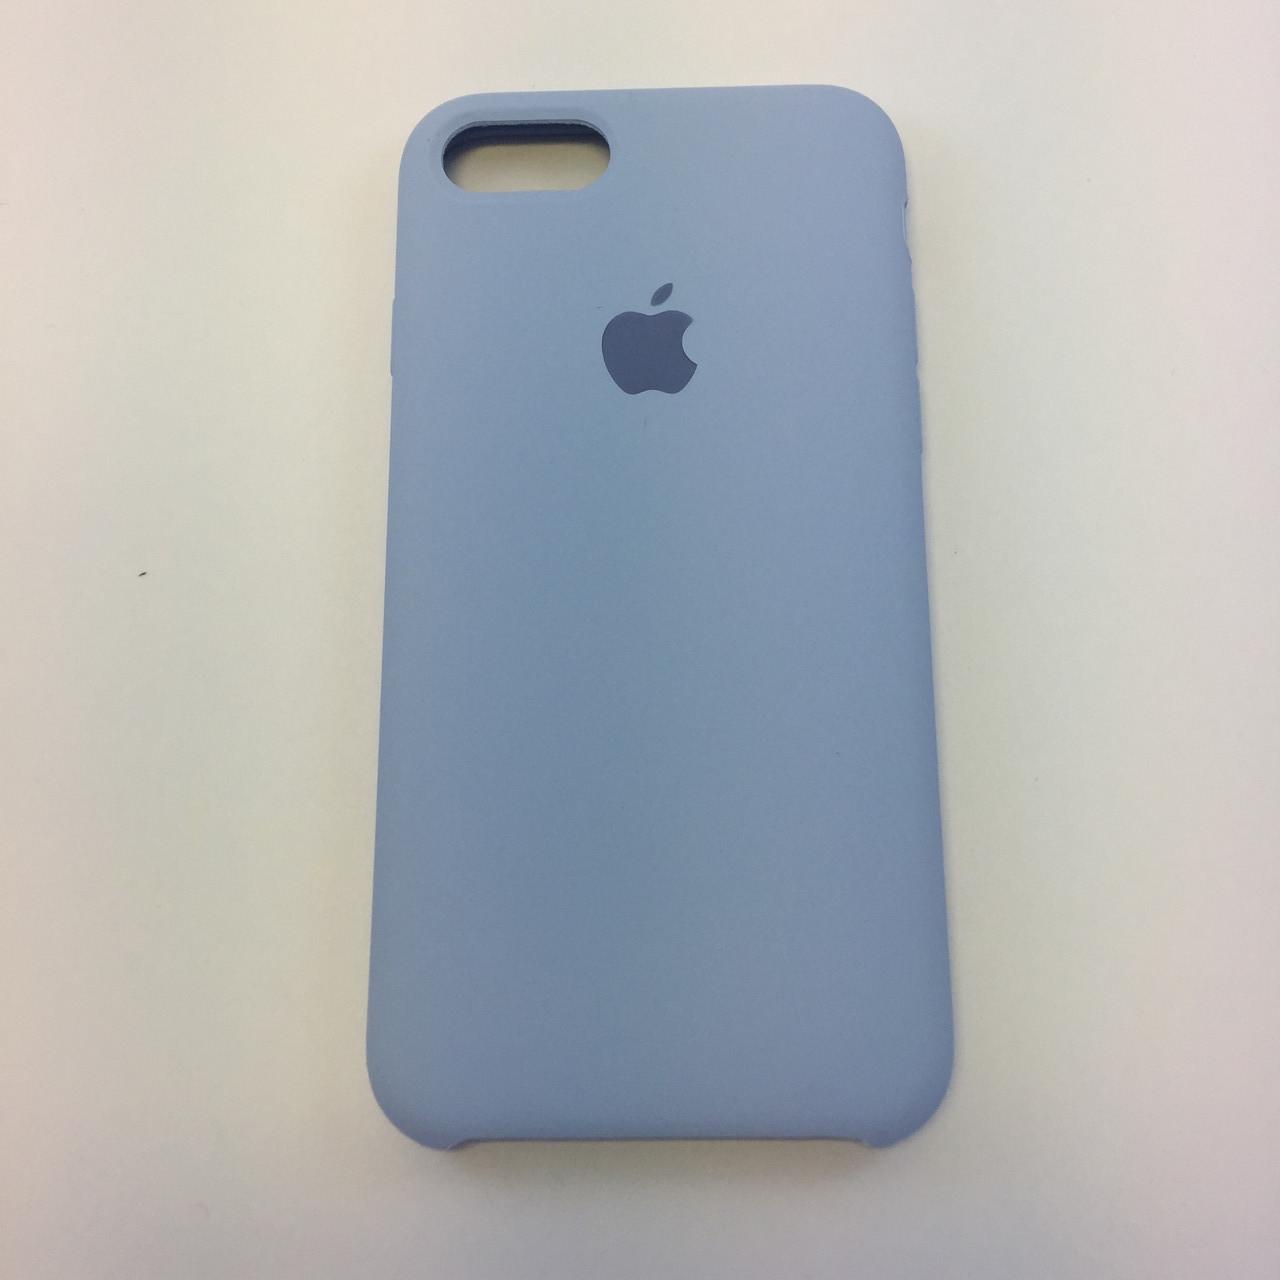 Силиконовый чехол для iPhone 8 Plus, - «кремово лиловый» - copy original